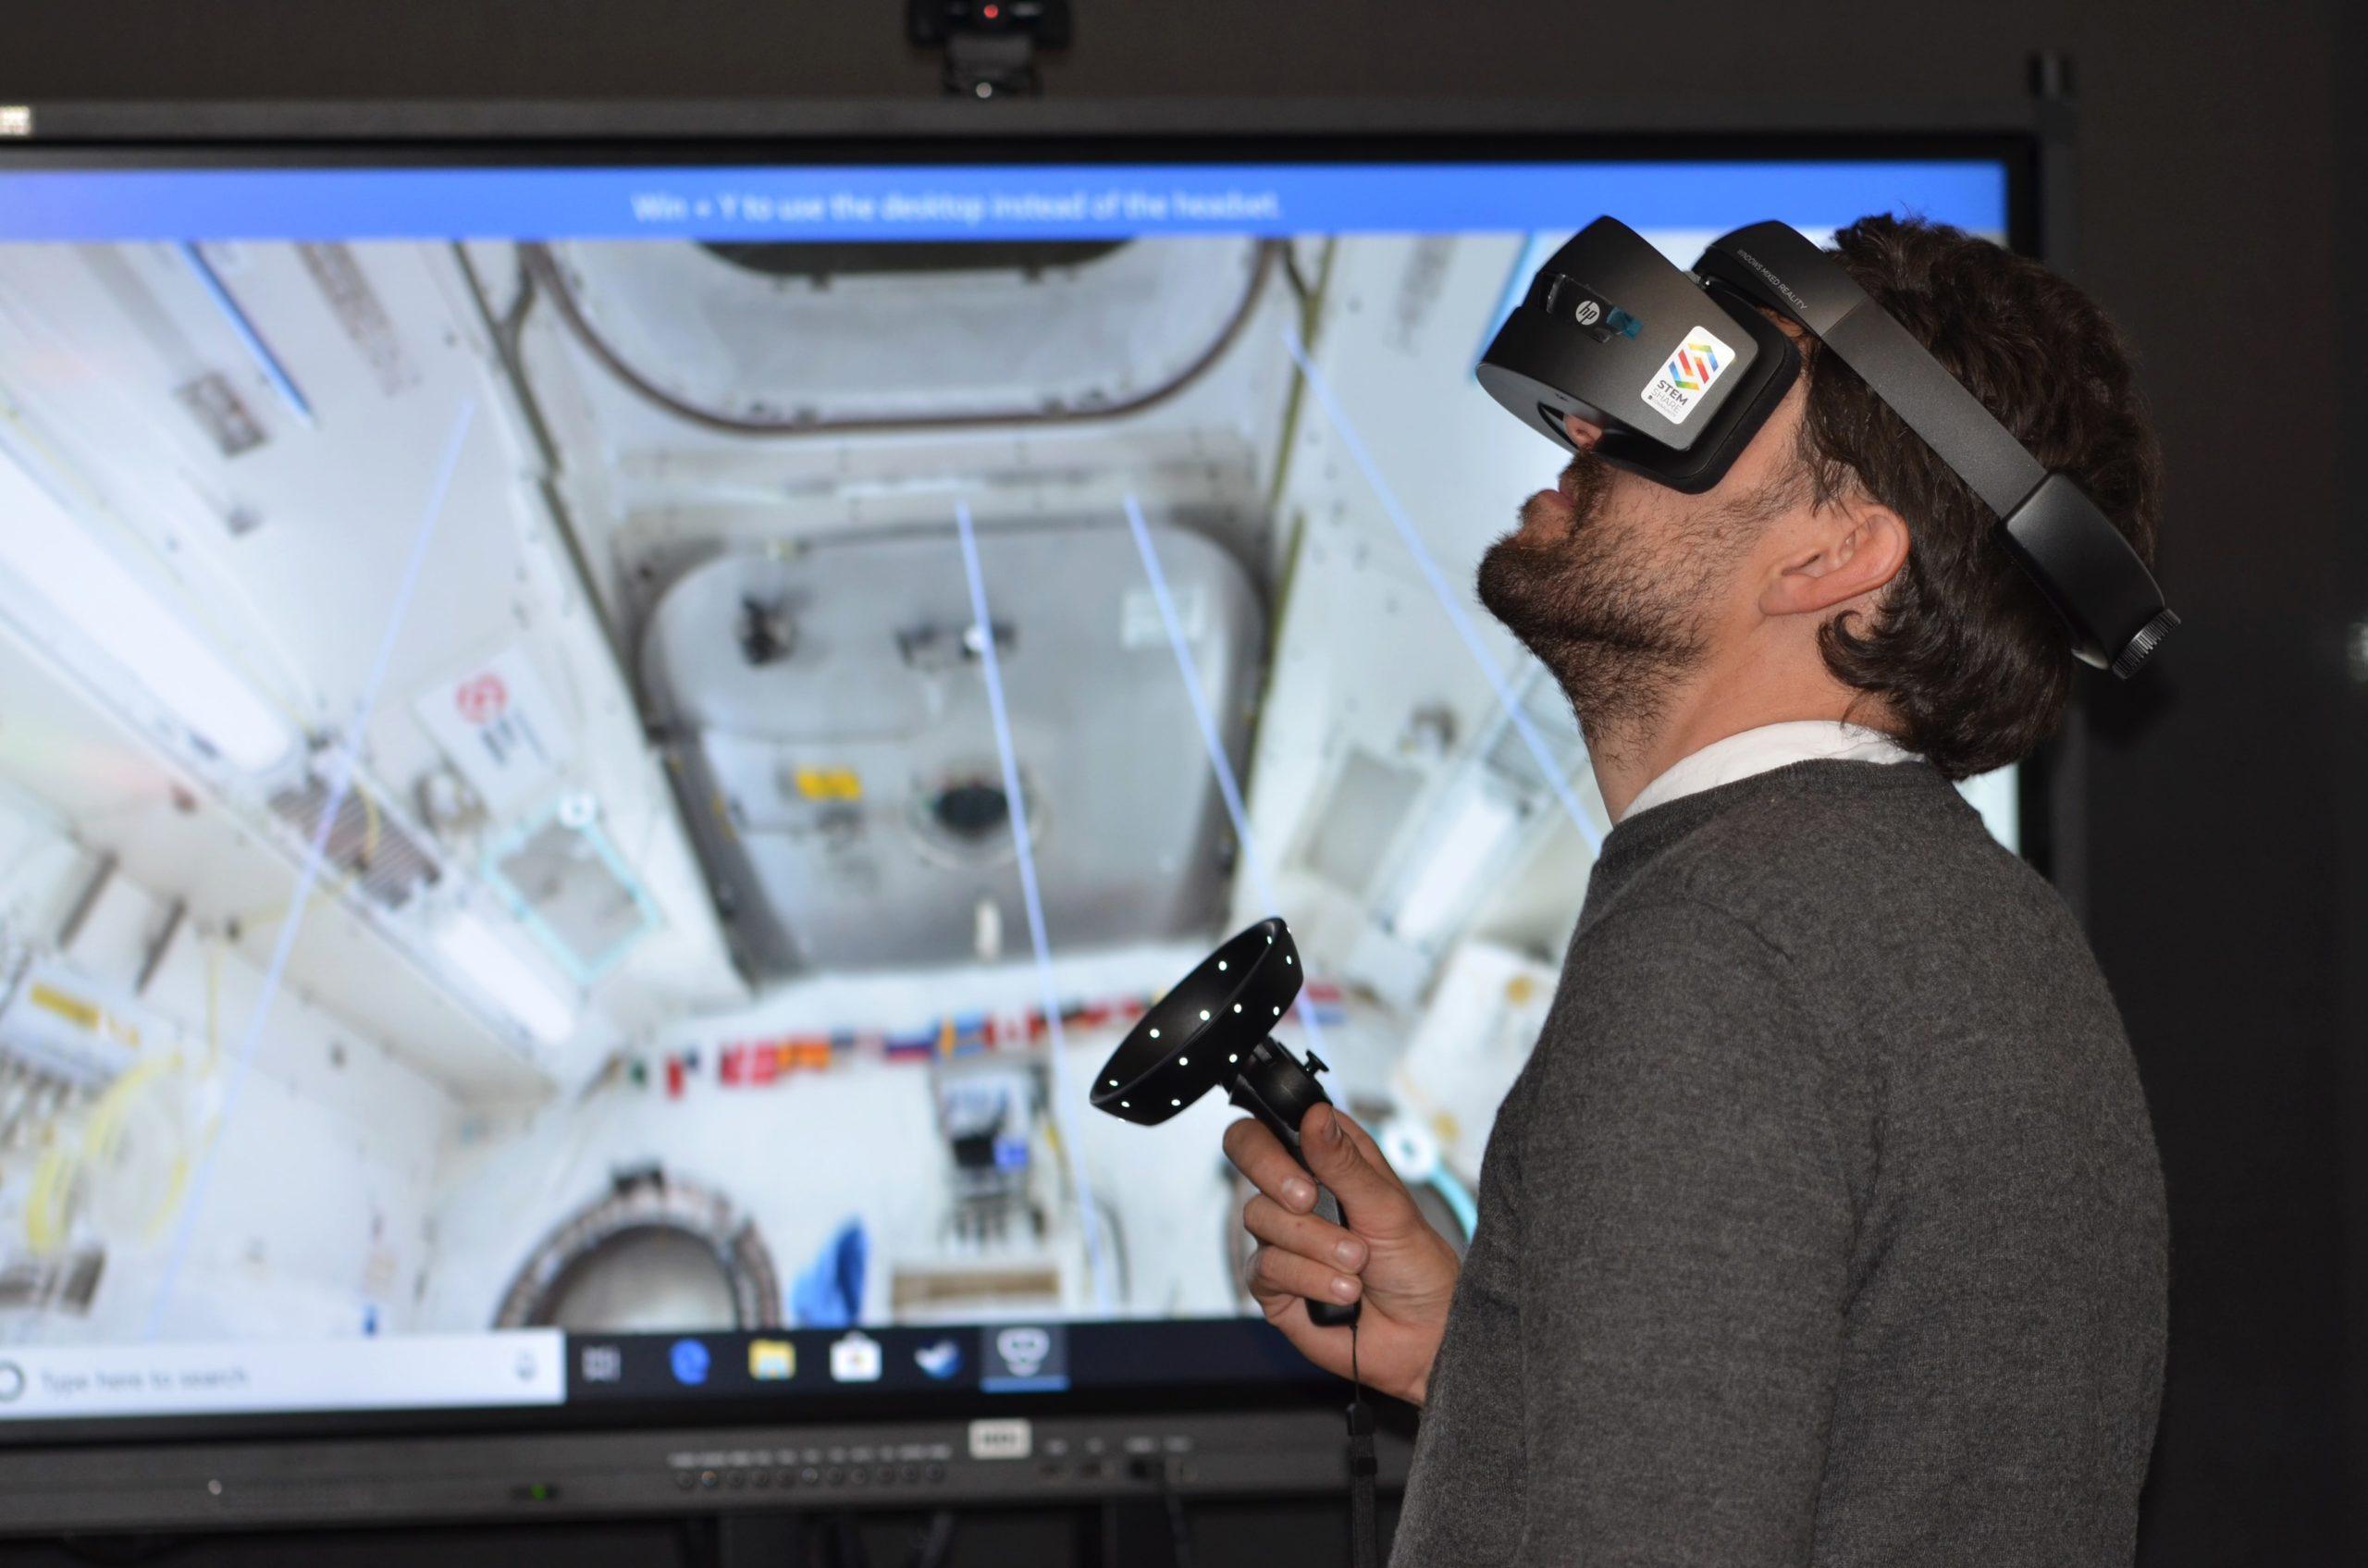 La VR à l'épreuve de l'industrie 4.0